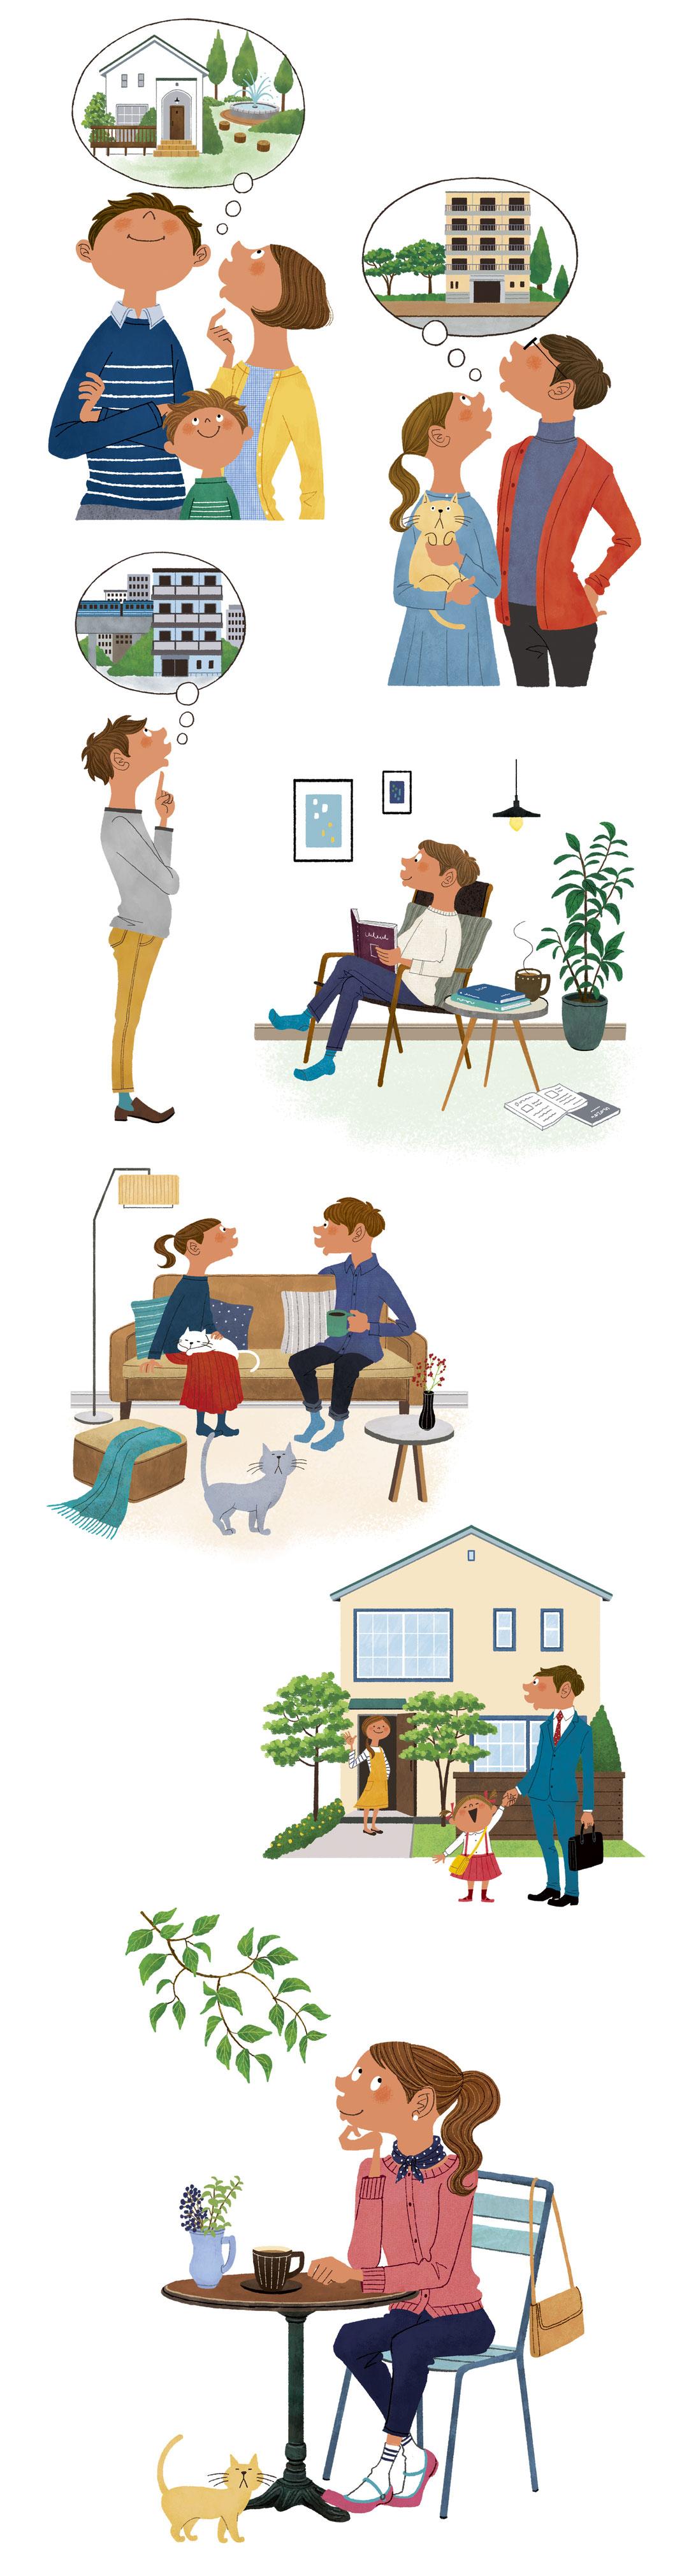 家と人々カフェと女性のイラスト